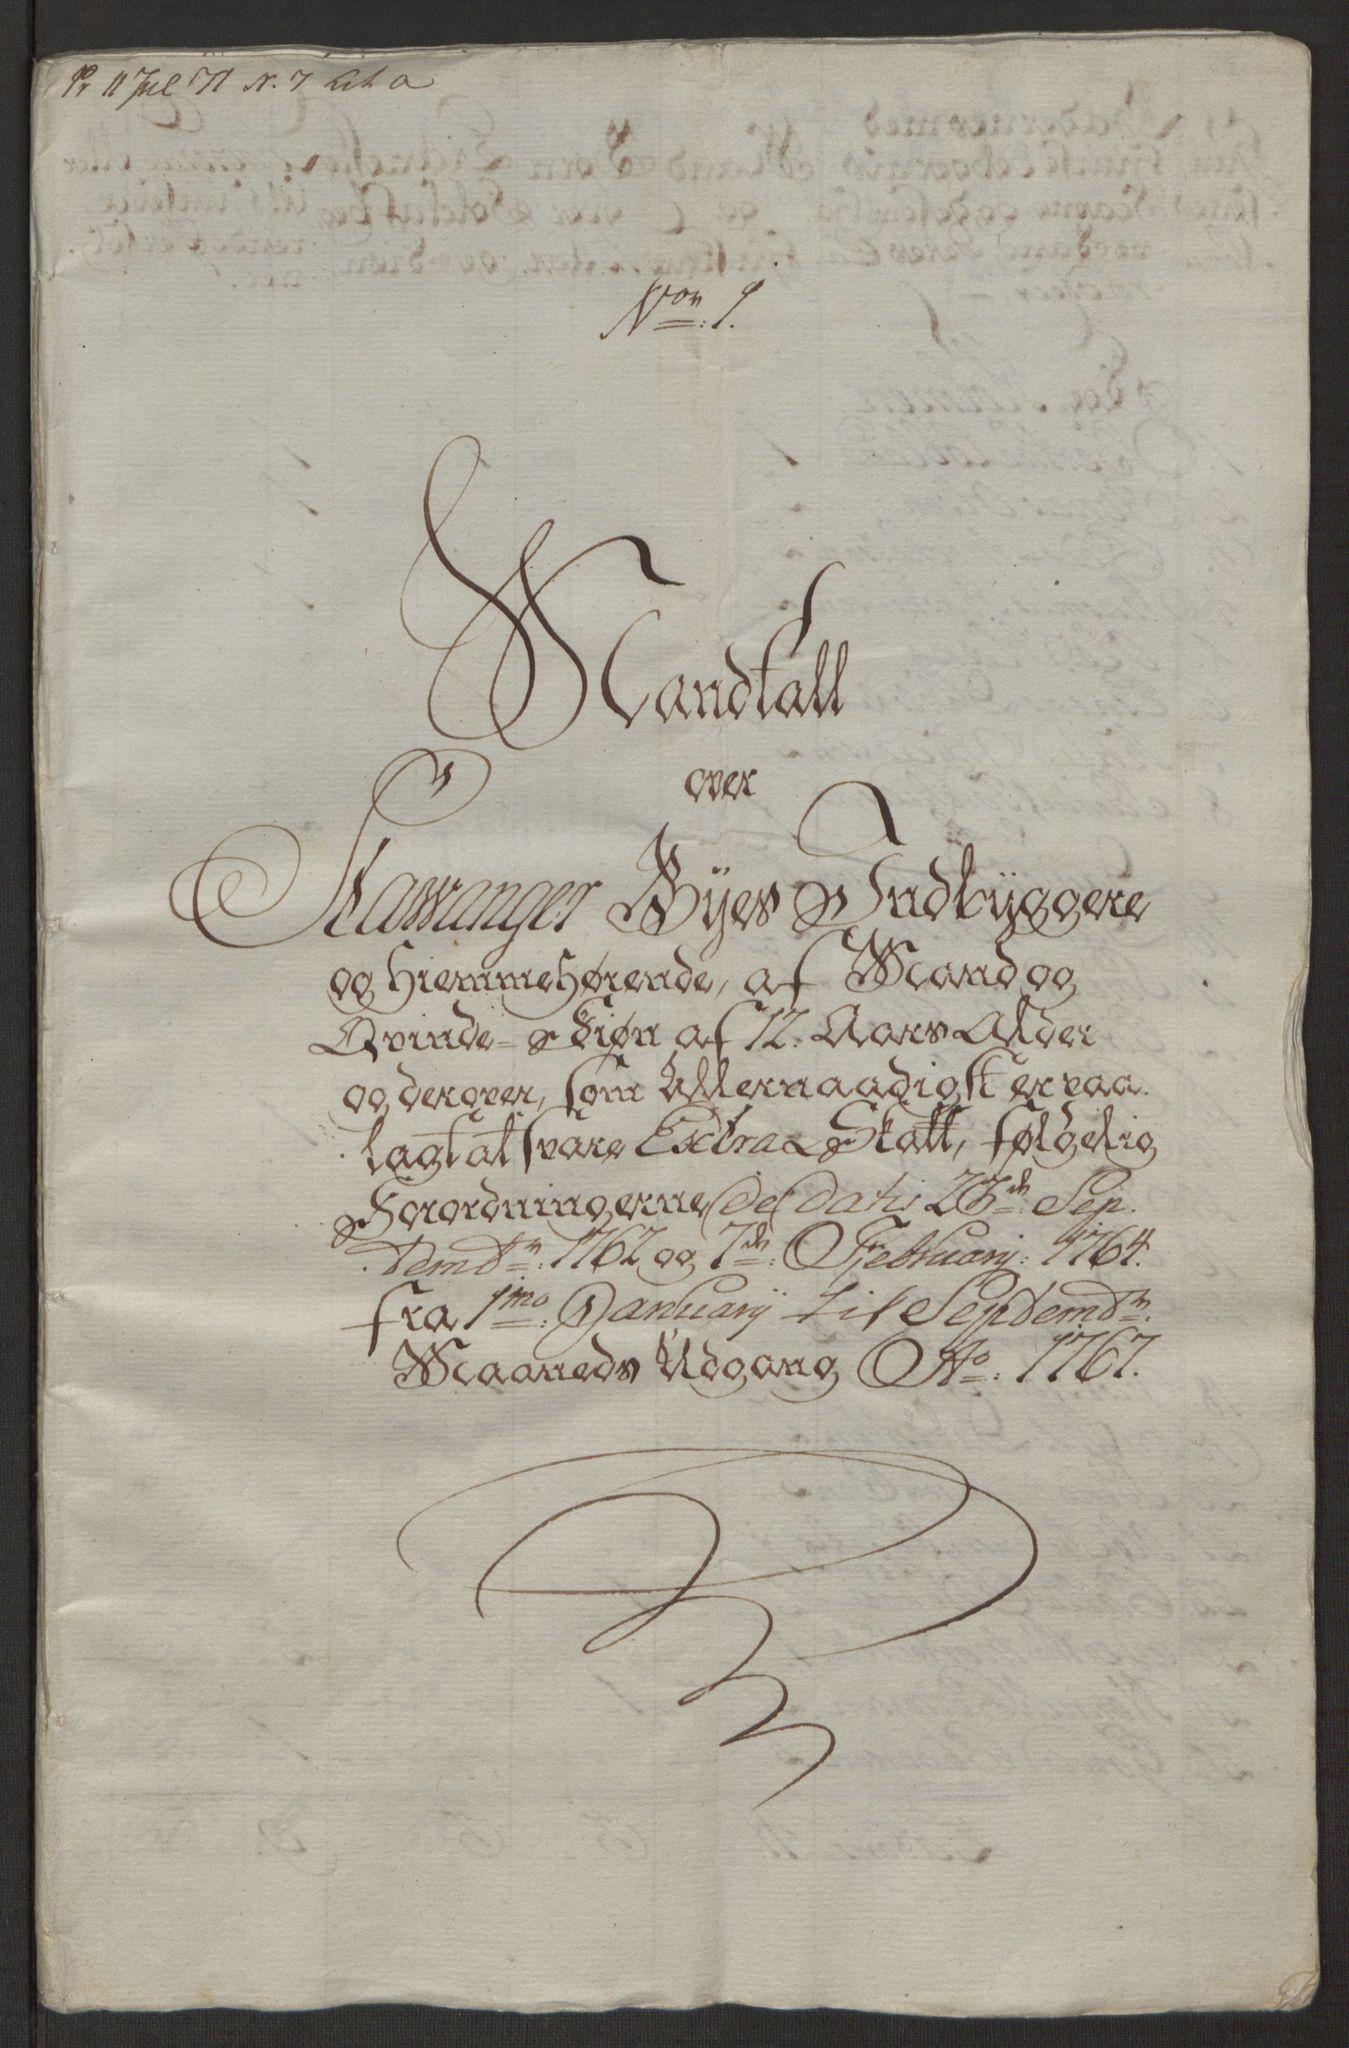 RA, Rentekammeret inntil 1814, Reviderte regnskaper, Byregnskaper, R/Ro/L0305: [O6] Kontribusjonsregnskap, 1762-1768, s. 216